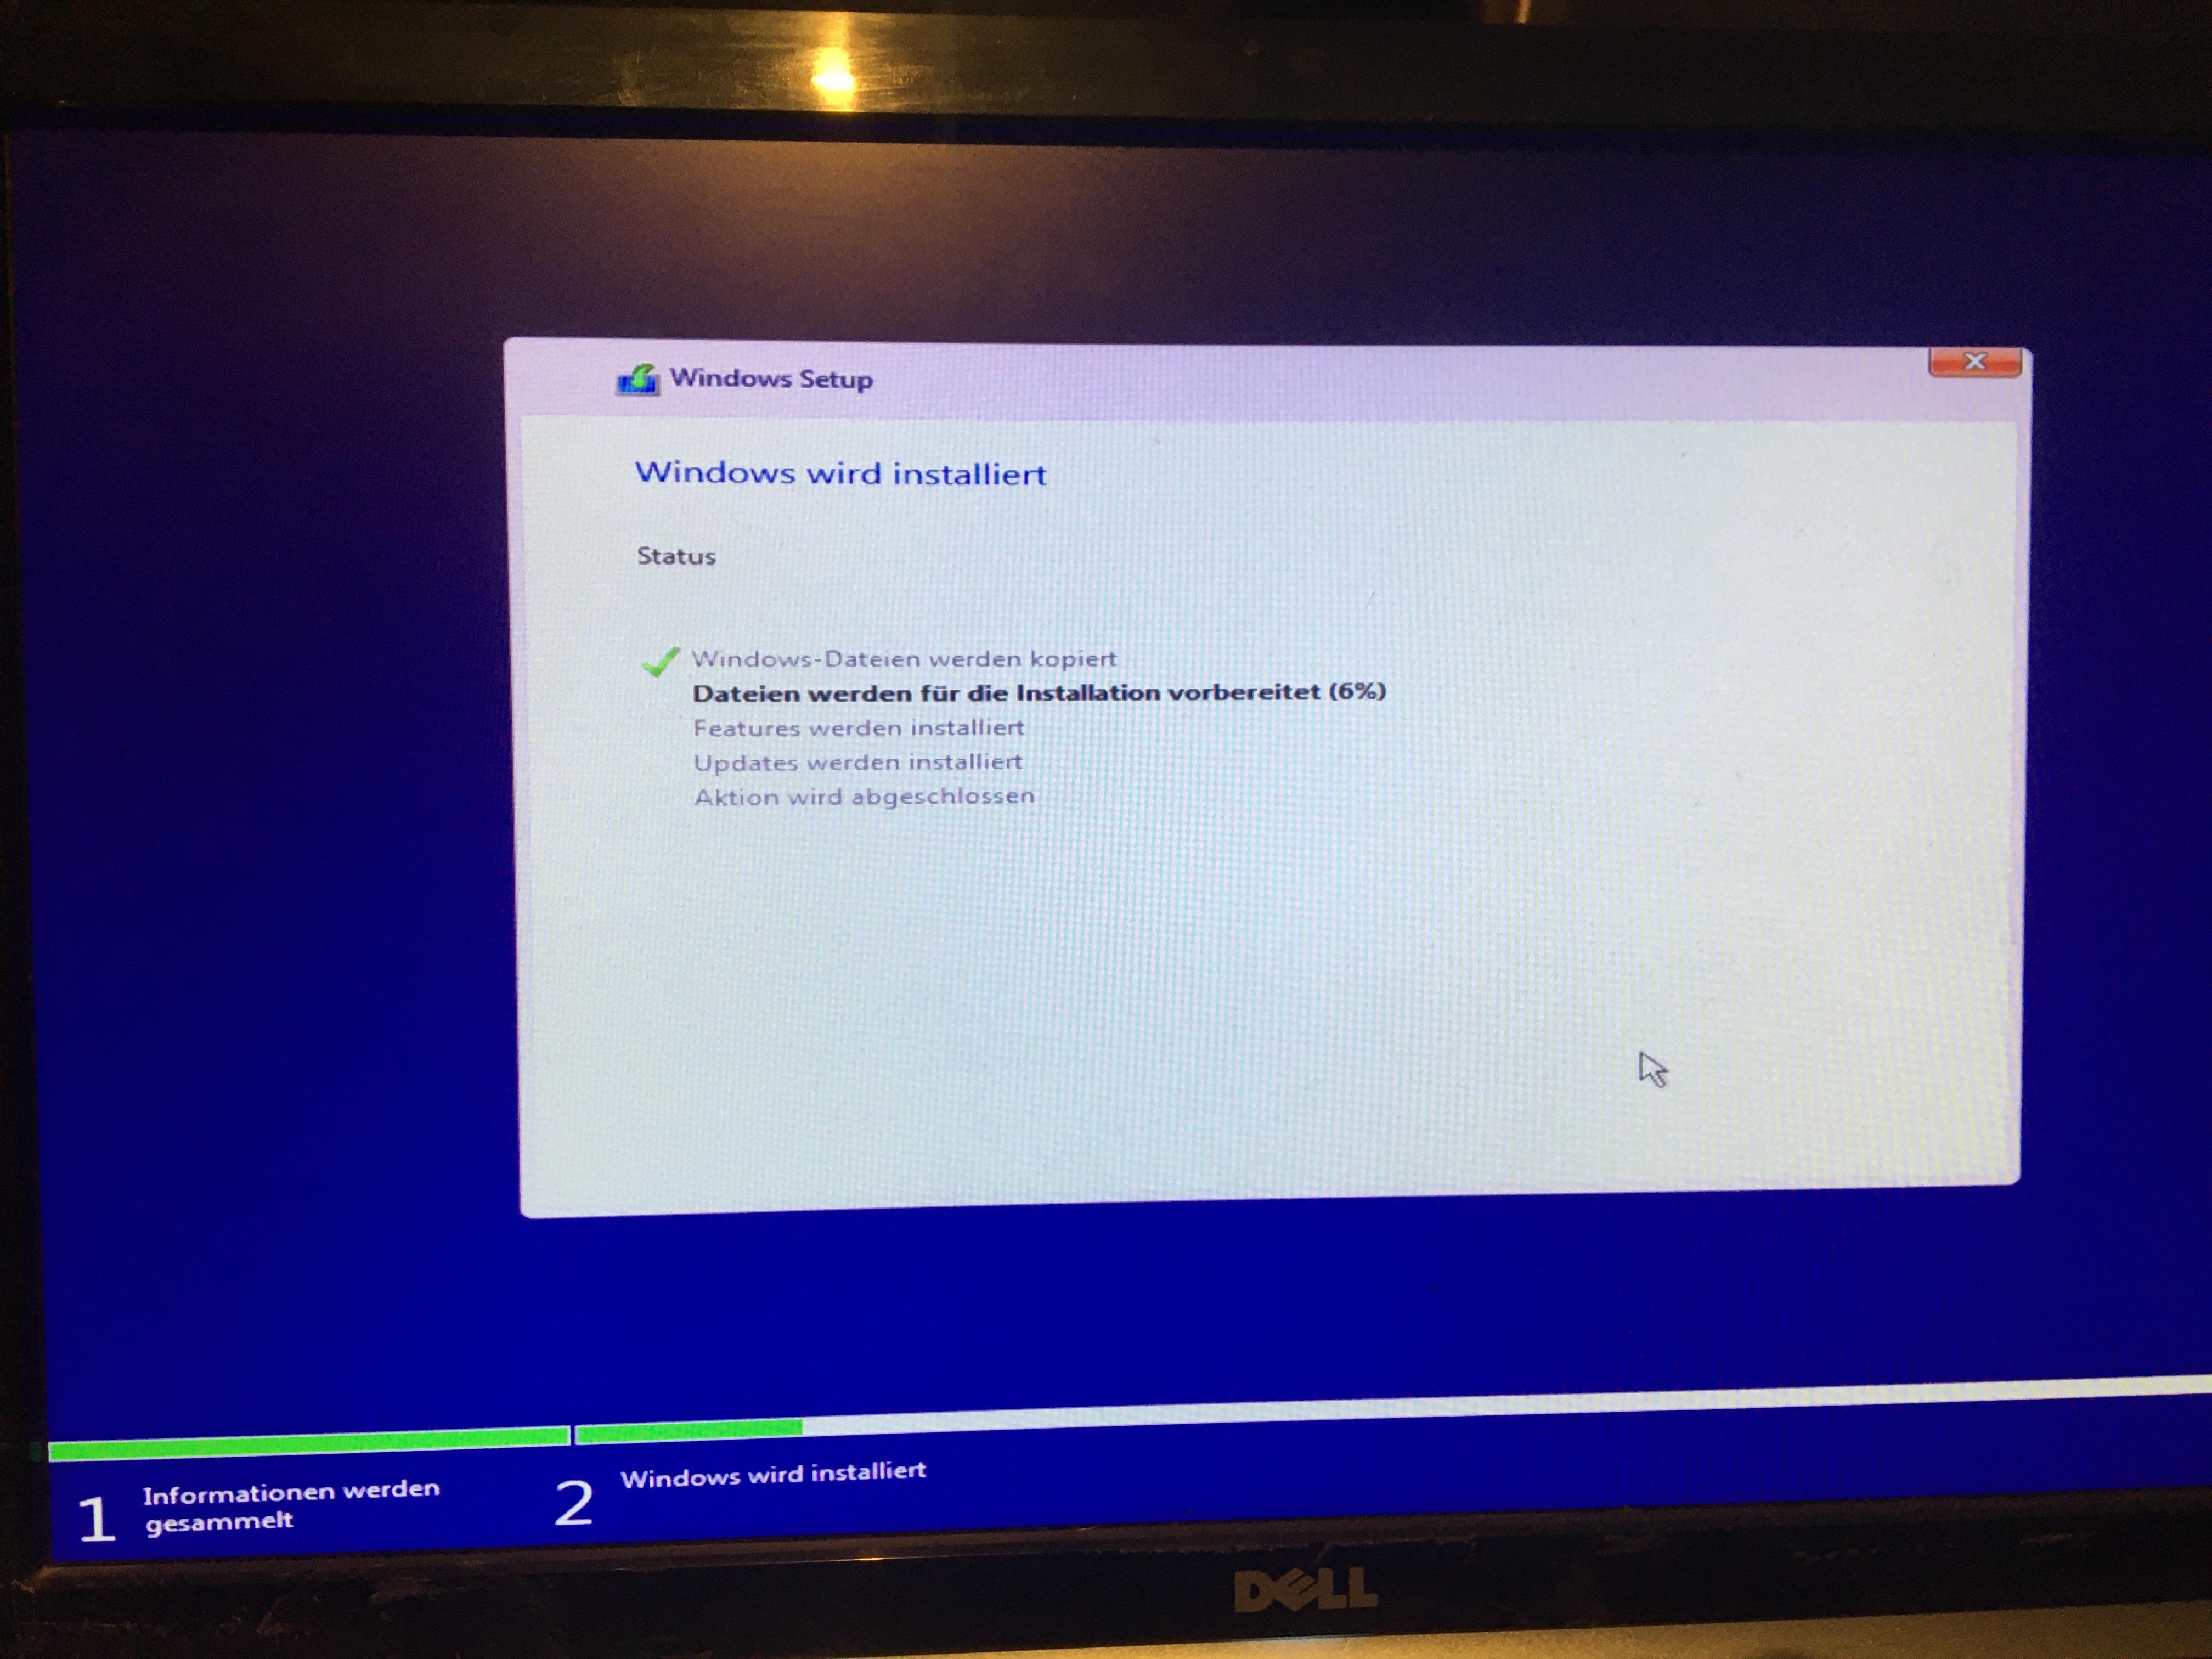 Windows Installation hängt sich auf